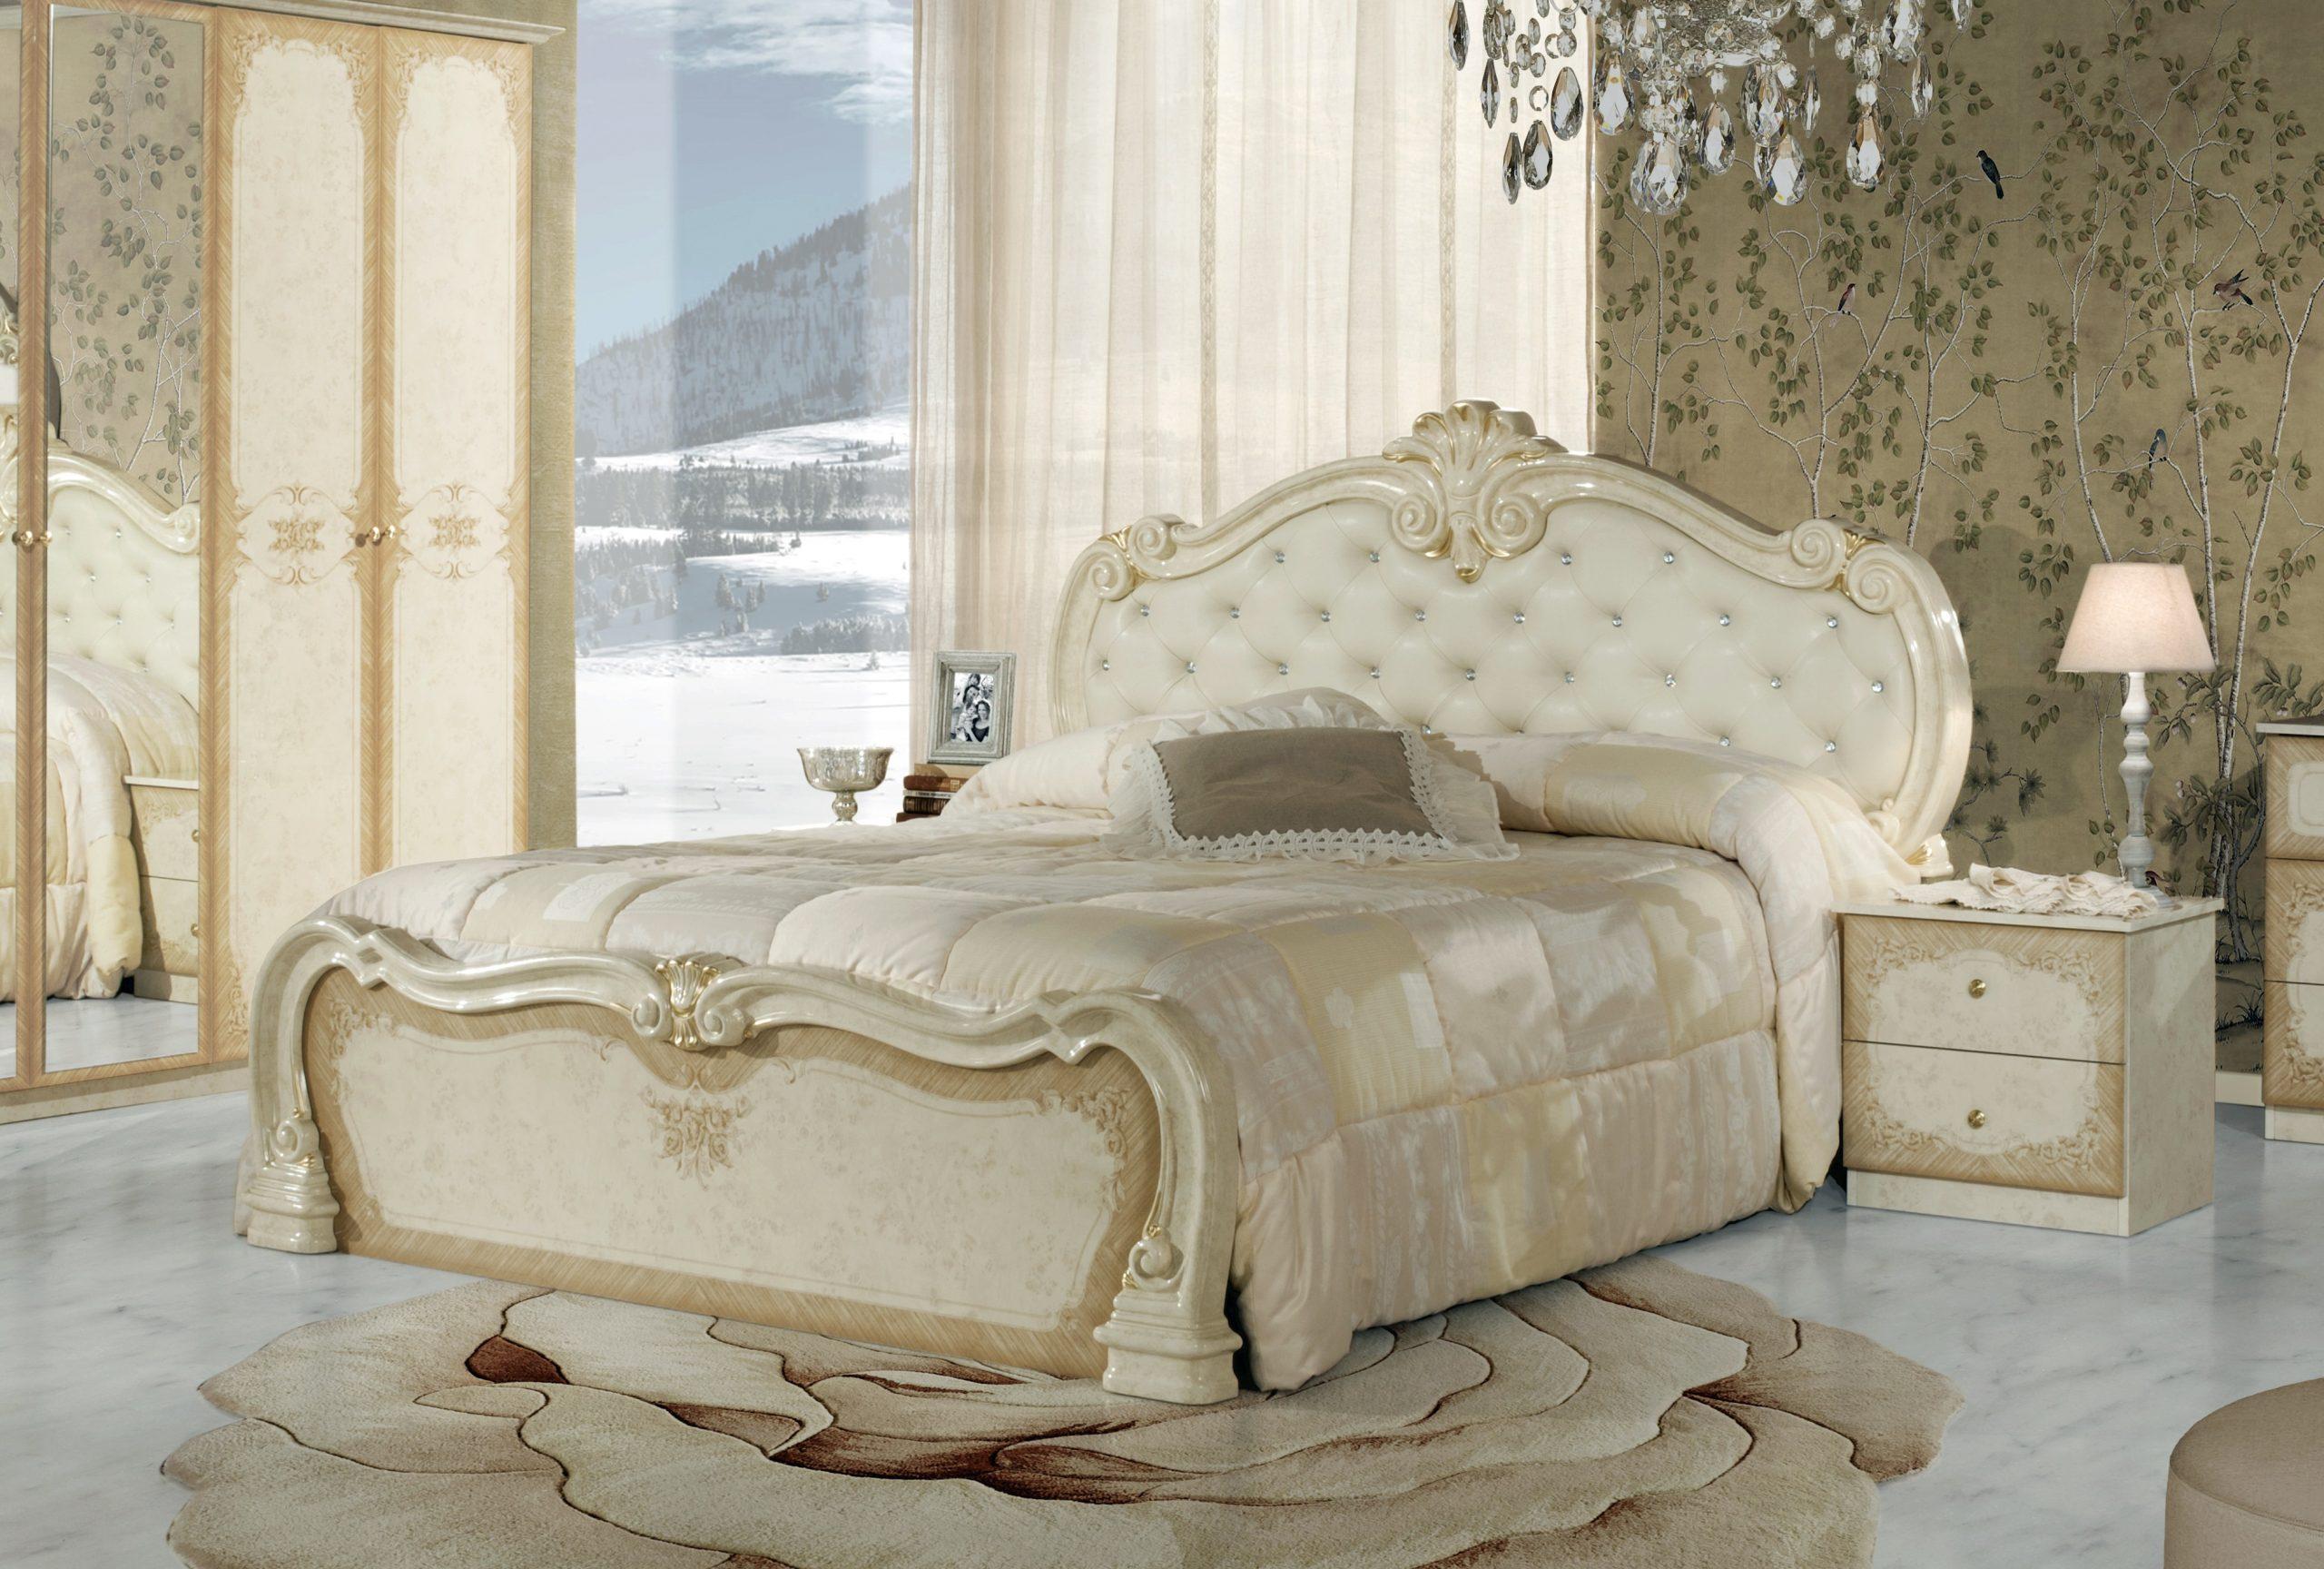 Full Size of Bett Toulouse 160x200cm In Beige Gold Barock Ebay Runde Betten Landhausstil 140x220 2m X Wohnwert 120 200 Ausgefallene Weißes 90x190 Mit Rückenlehne Schöne Bett Bett Barock